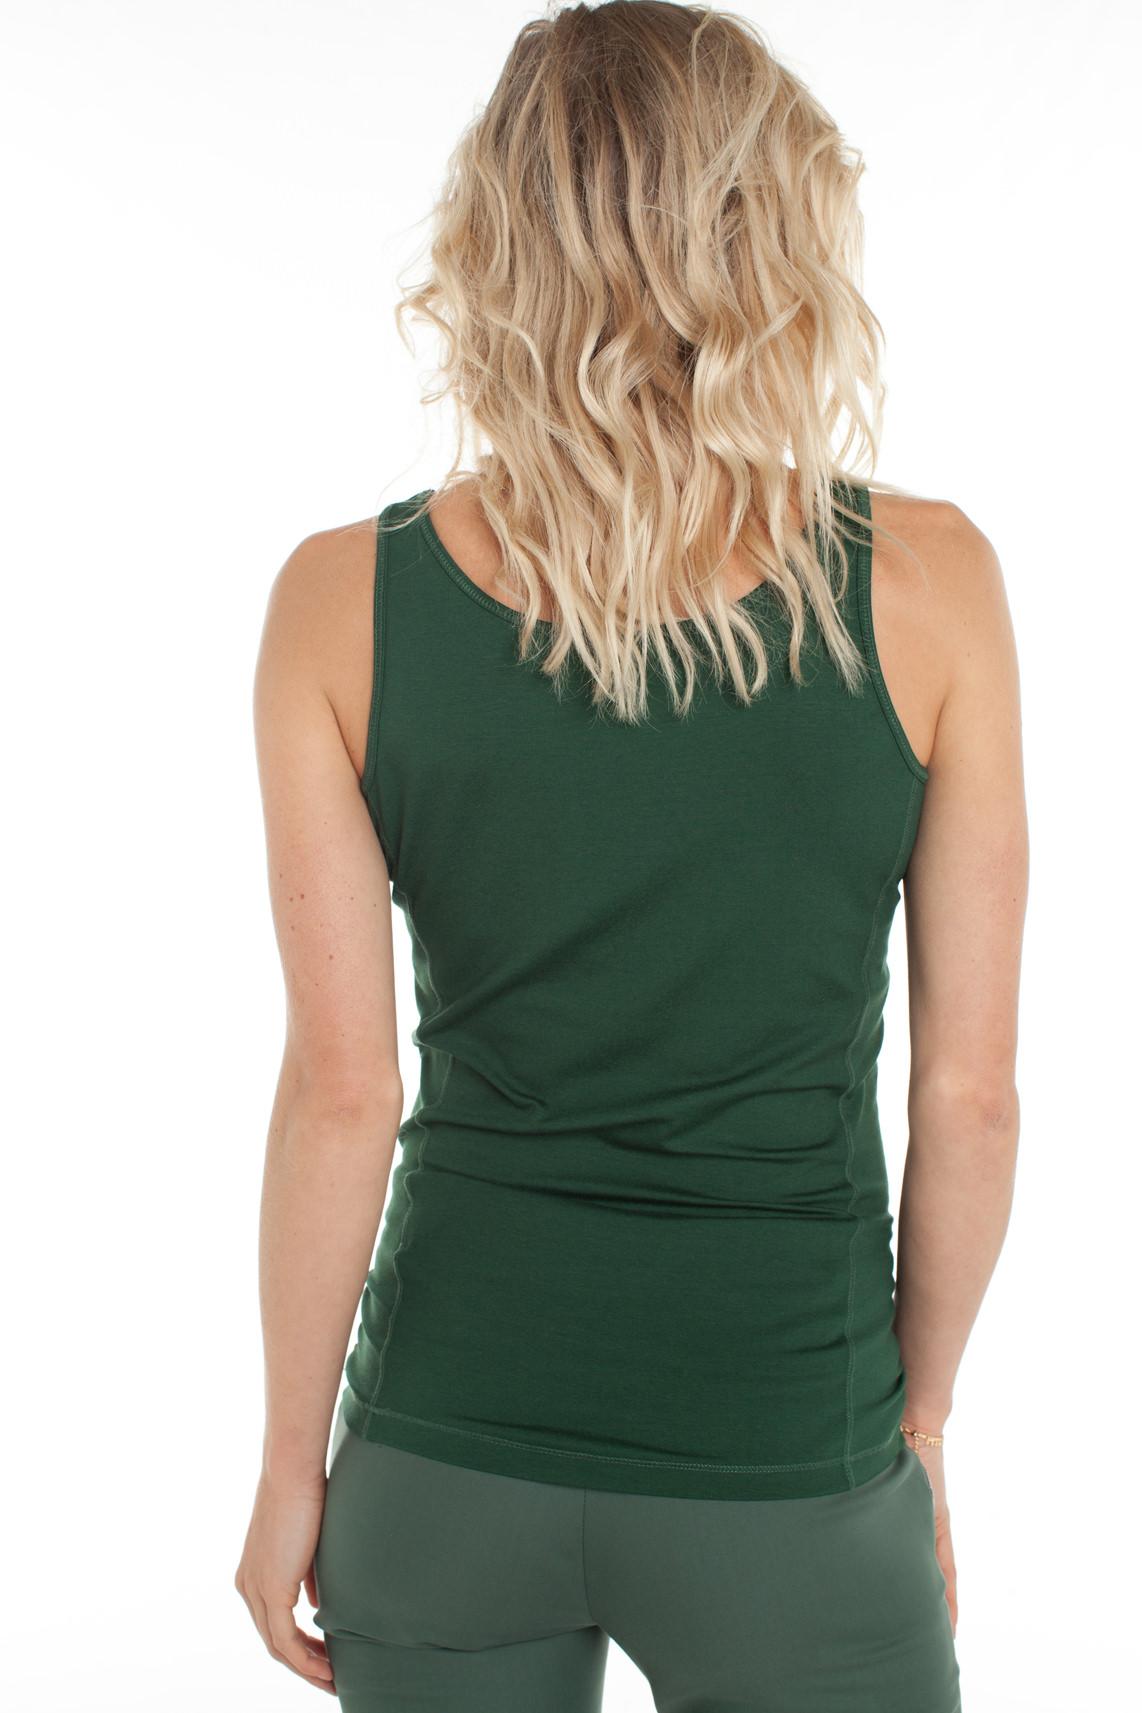 Anna Dames Top groen